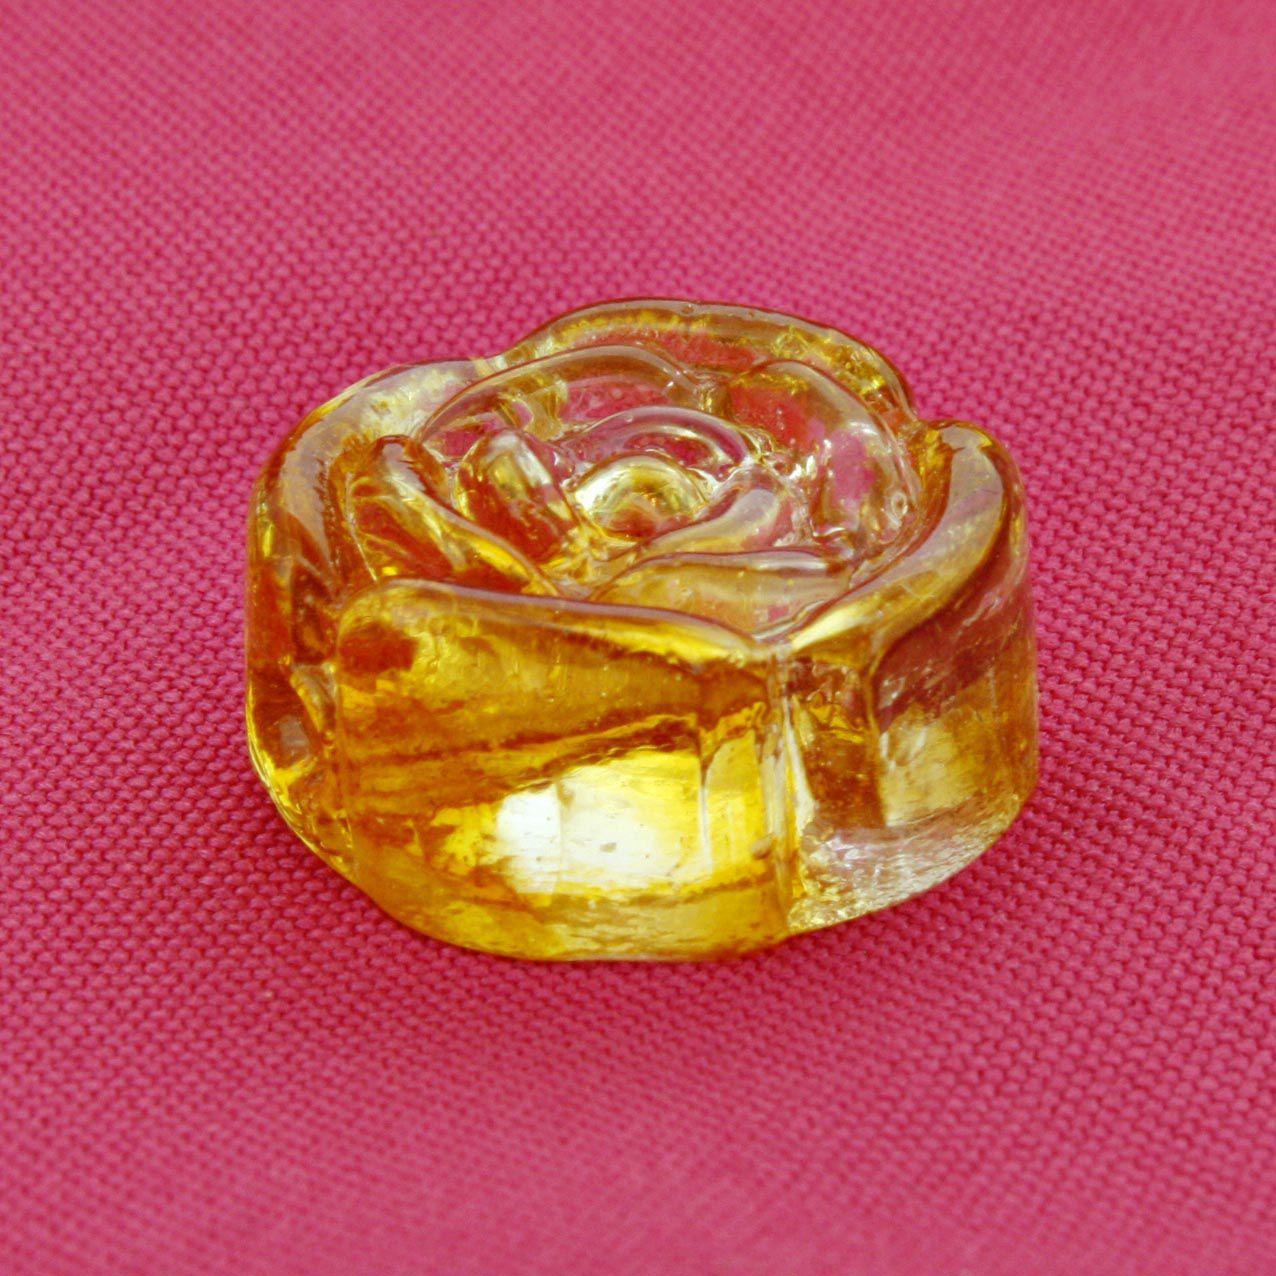 Firma Rosa - Dourada Transparente - 1 Peça  - Stéphanie Bijoux® - Peças para Bijuterias e Artesanato